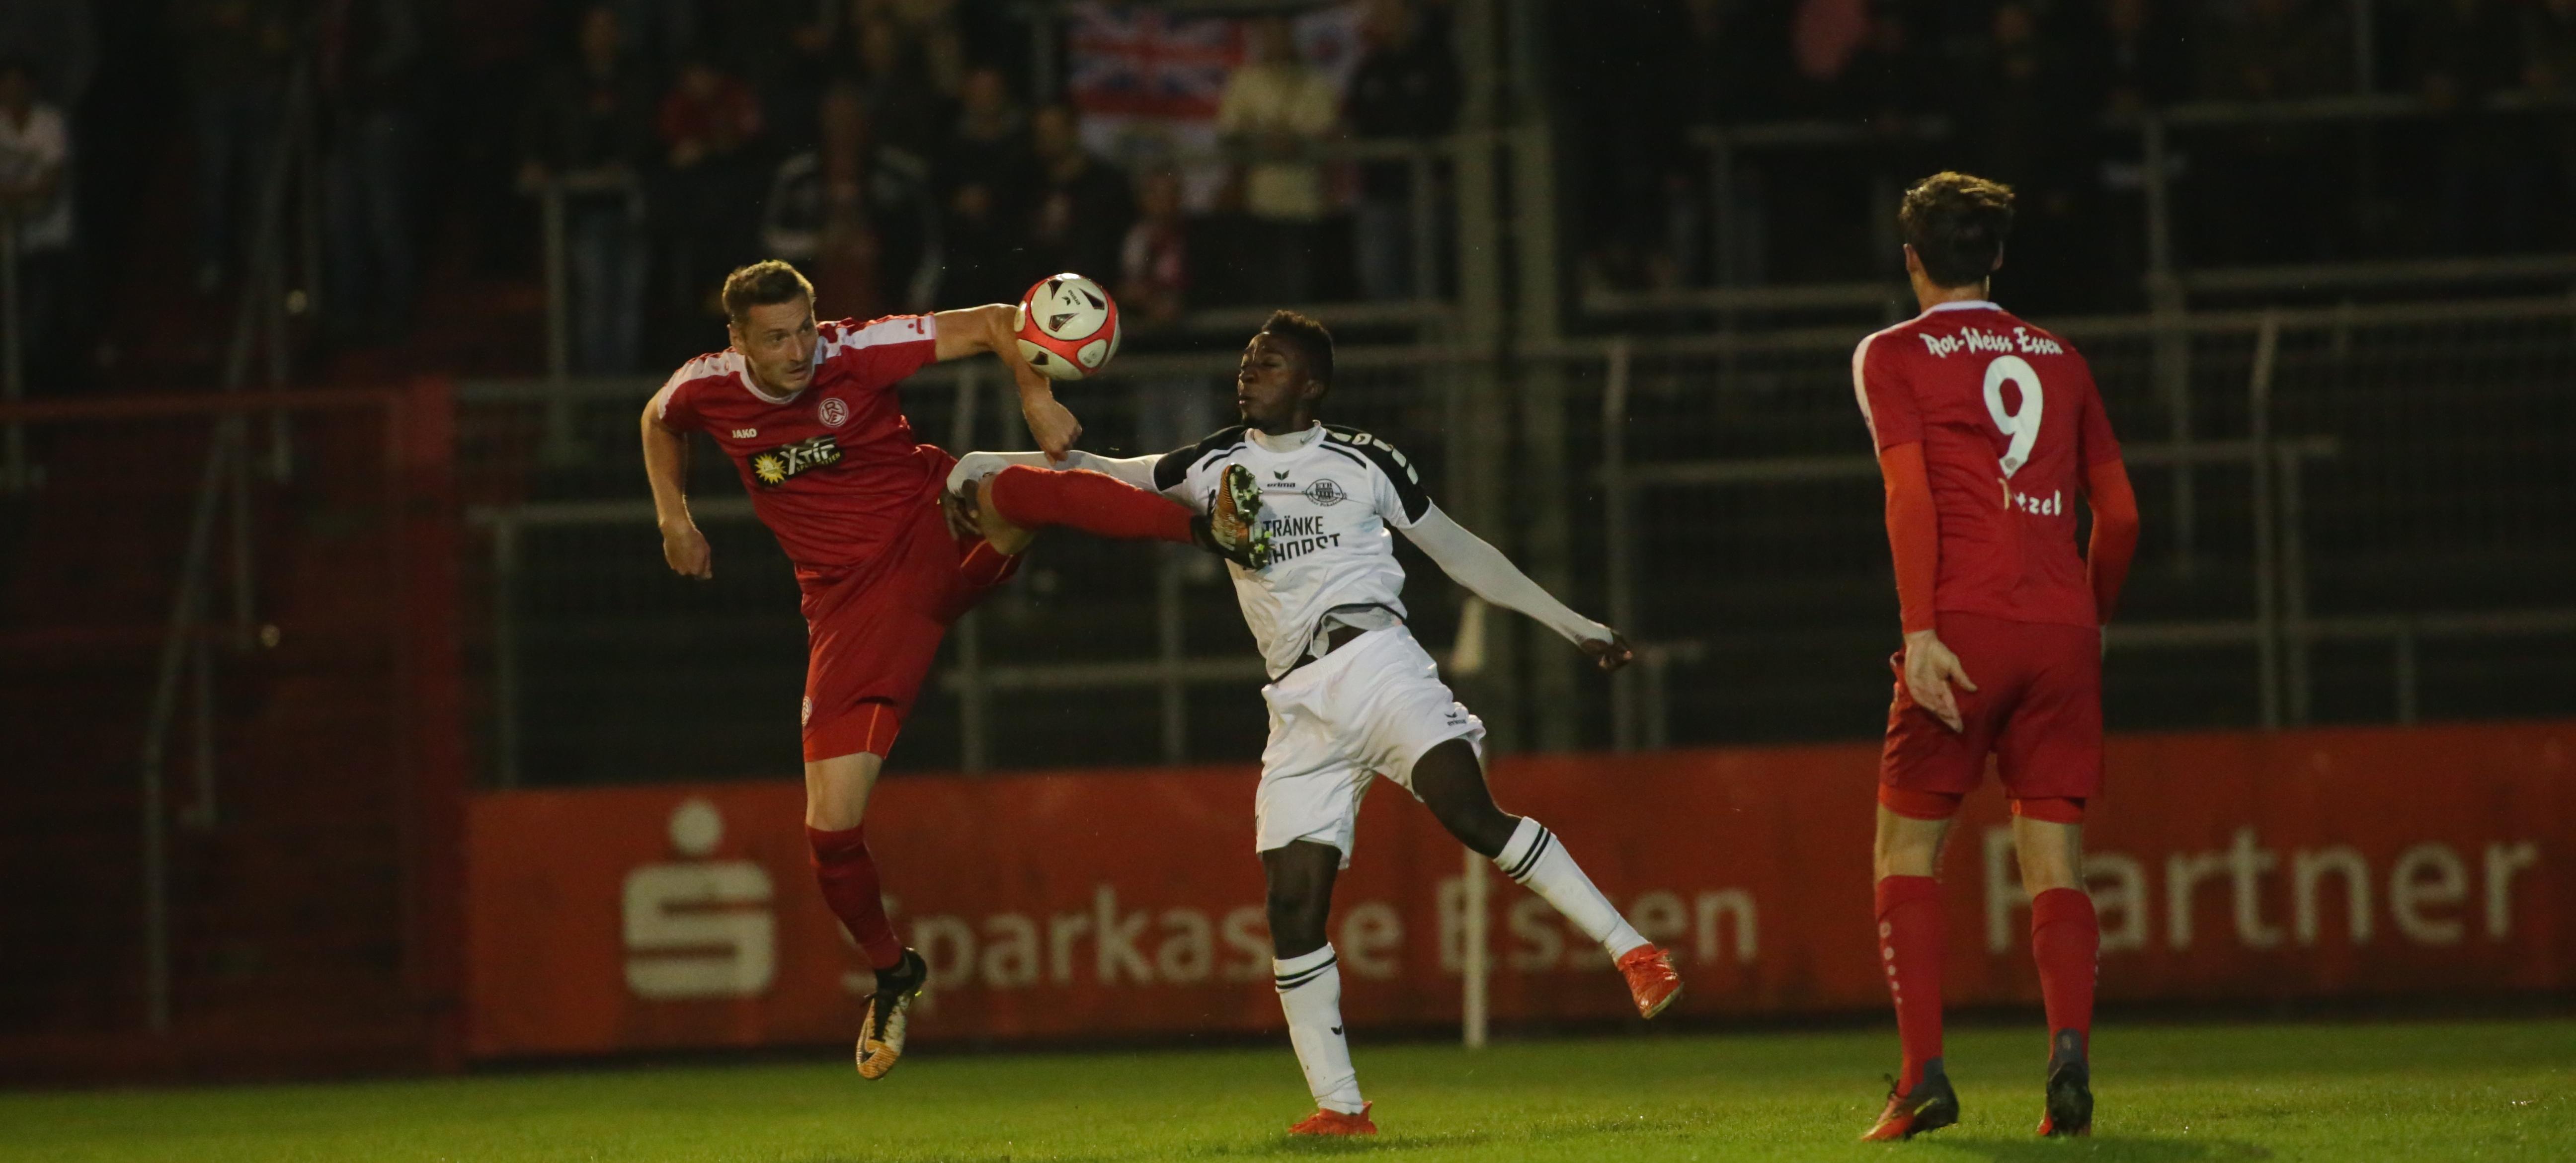 Mit einem 2:0 Auswärtssieg bei ETB konnte RWE in die nächste Pokalrunde einziehen. (Foto: Endberg)